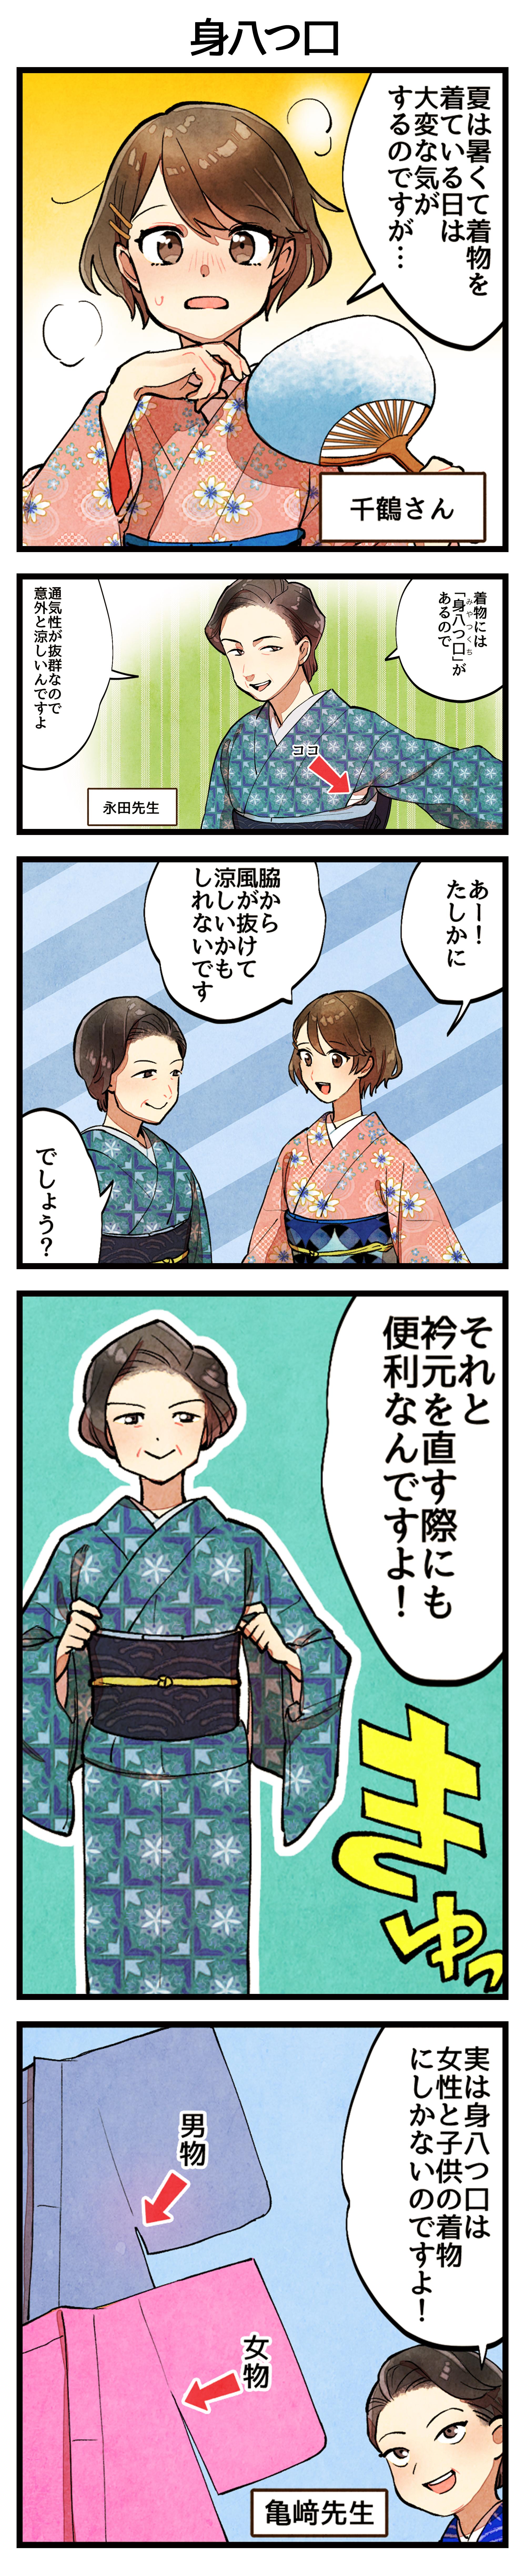 身八つ口 大阪・兵庫・京都・滋賀・奈良など近畿一円に 日本の伝統と文化を広める「きもの着付け教室」